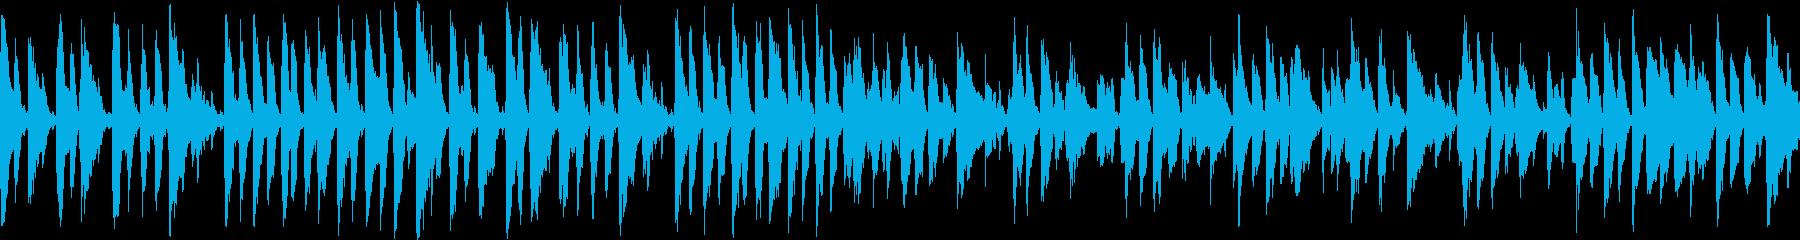 あのクリスマスの名曲をジャズで2(ループの再生済みの波形